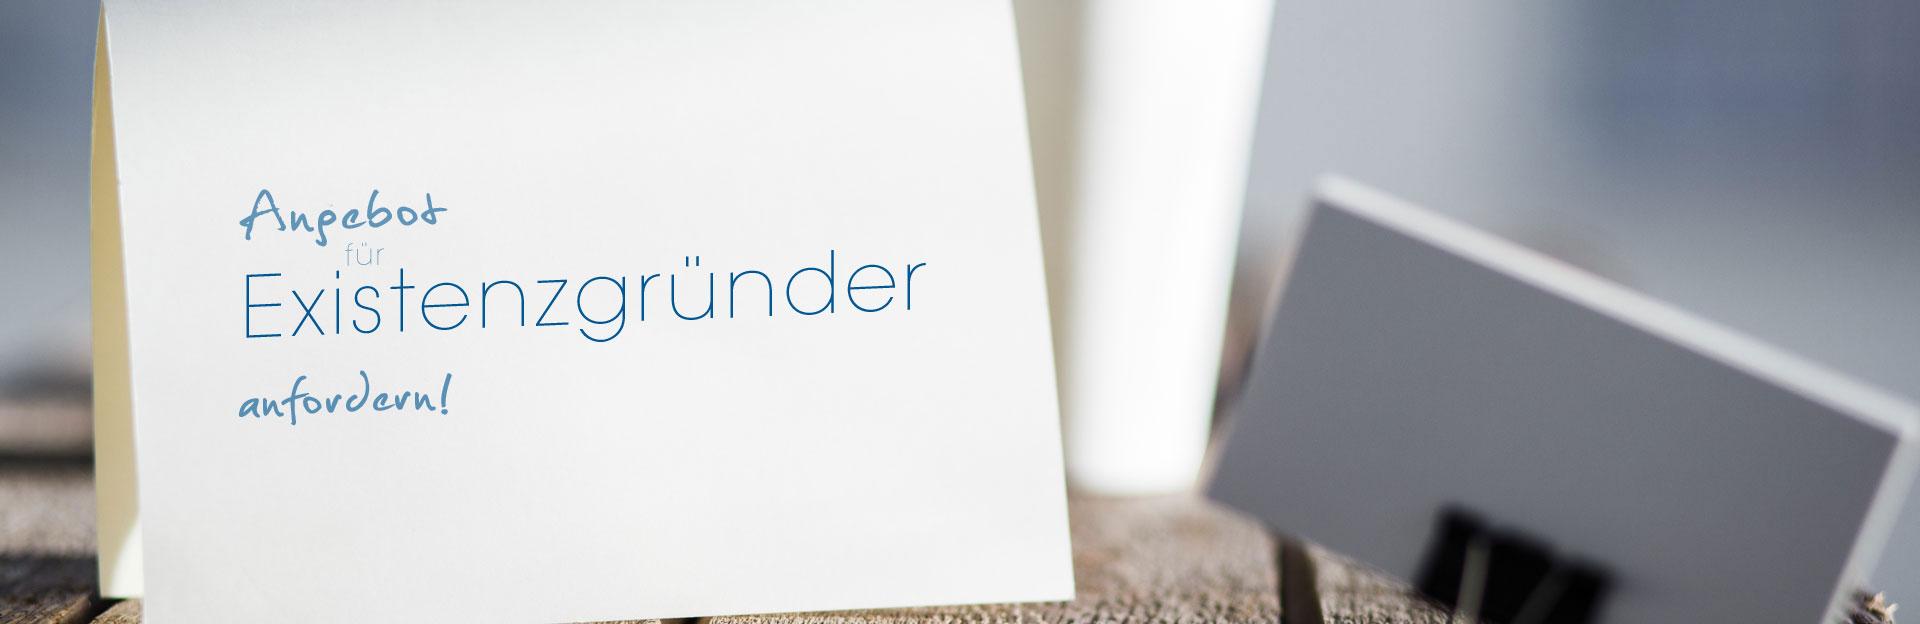 Existenzgründer Angebote